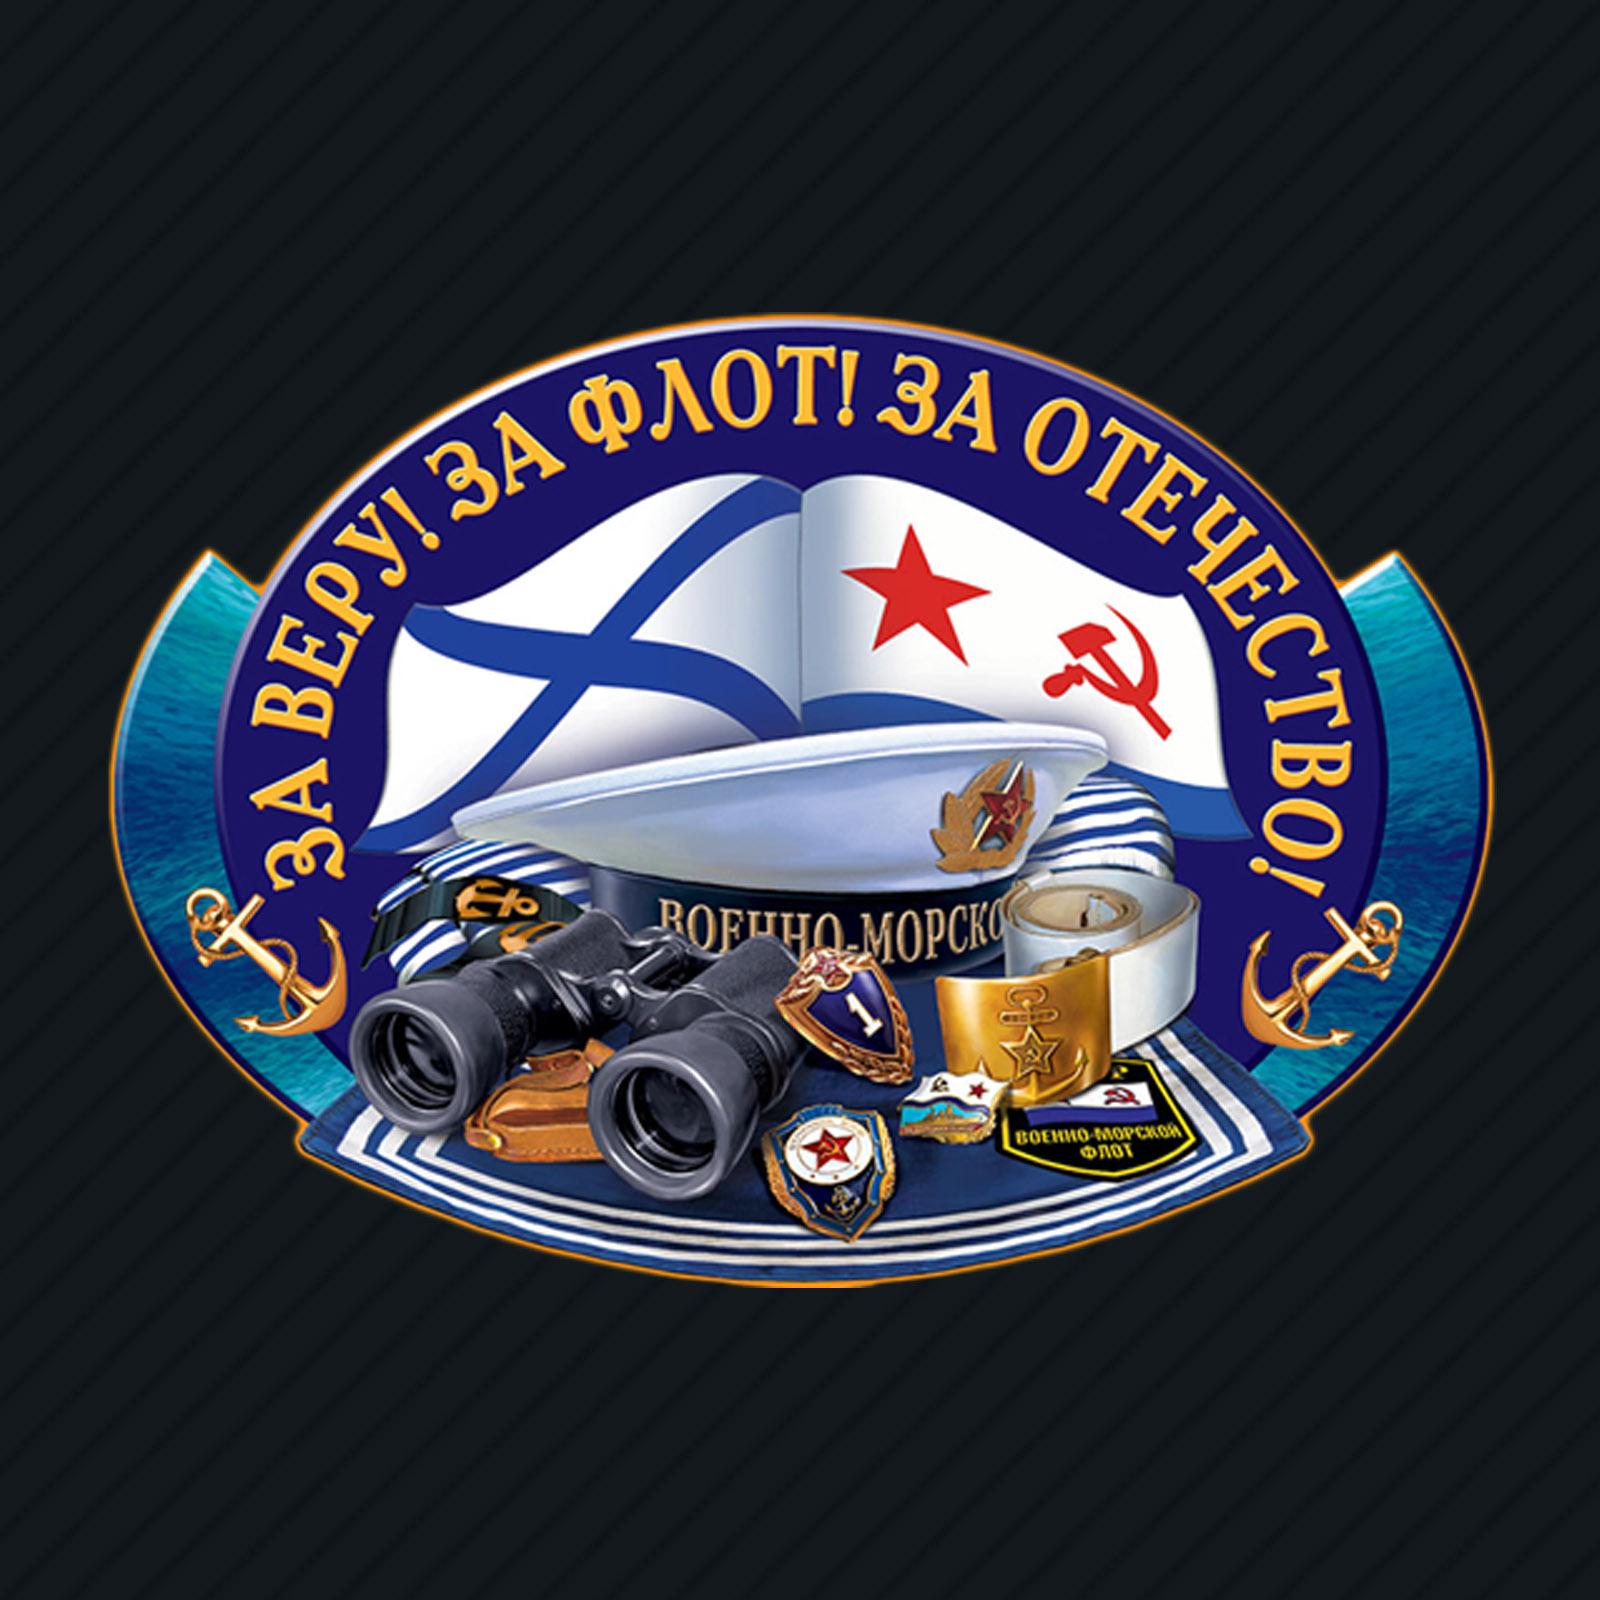 Тёмно-синяя кепка с термоаппликацией ВМФ